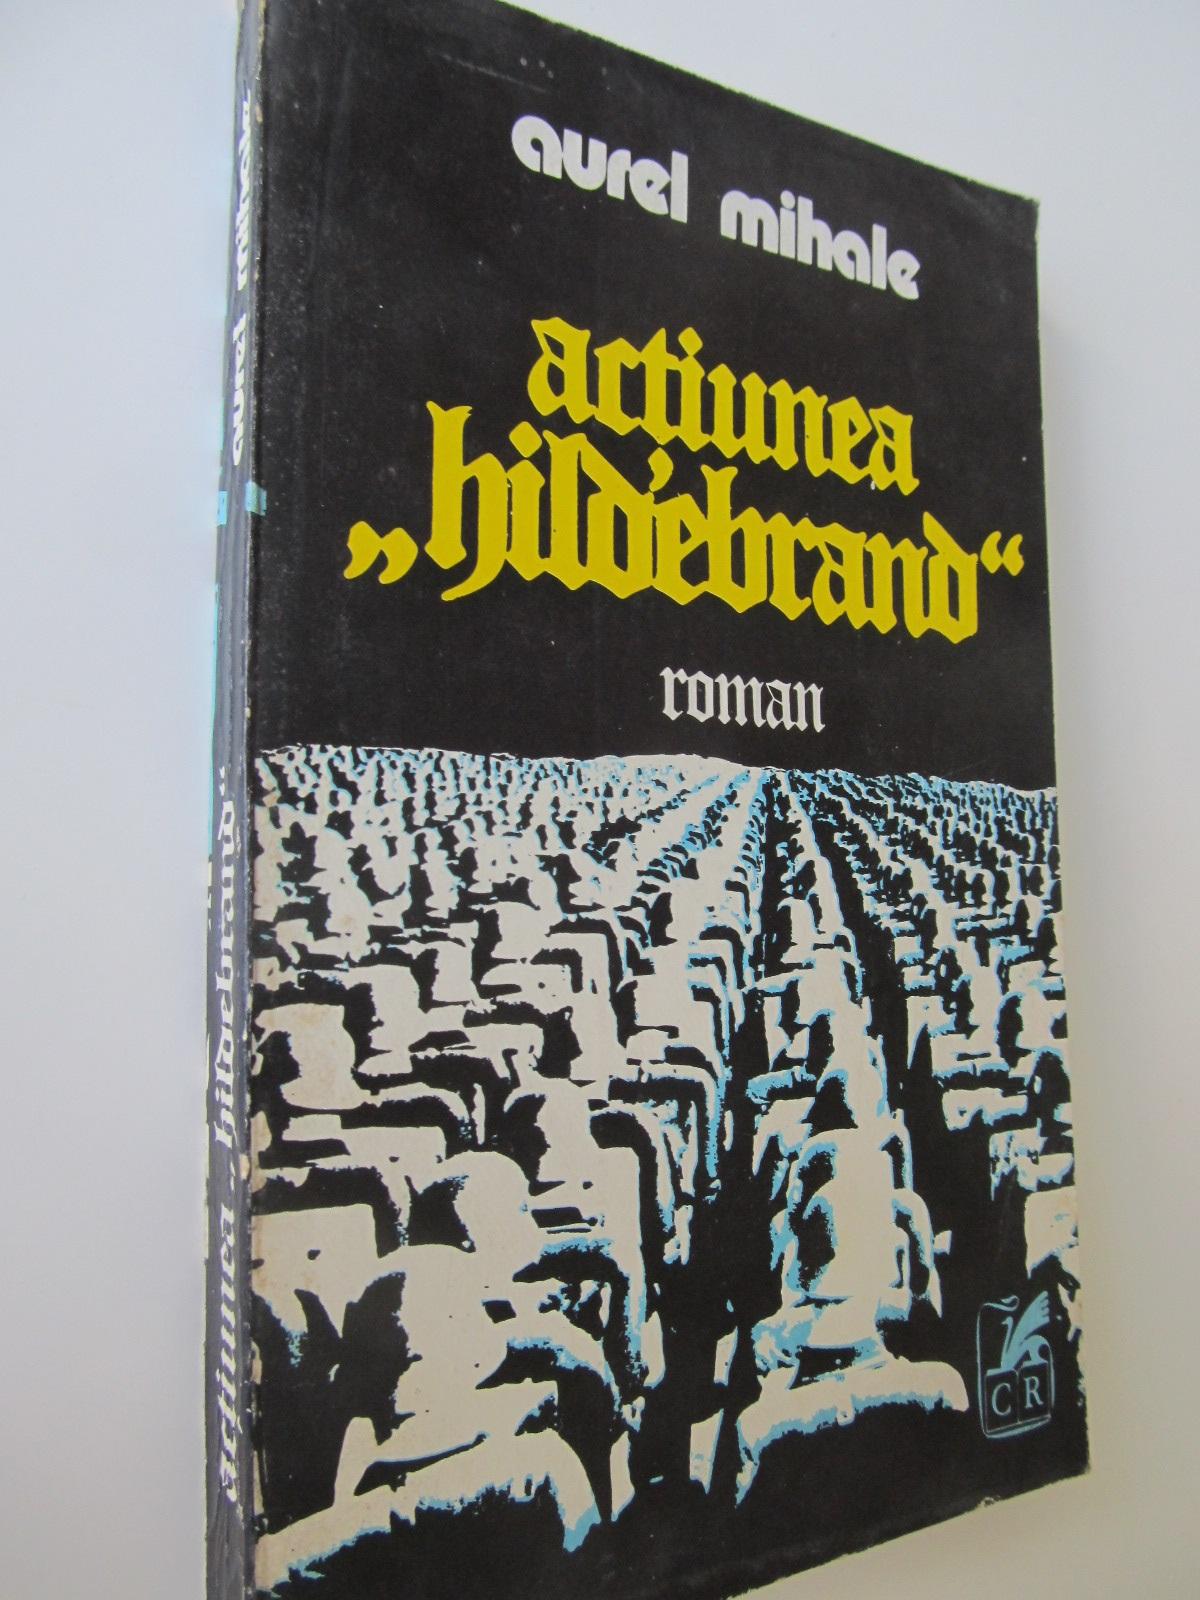 Actiunea Hildebrand - Aurel Mihale | Detalii carte